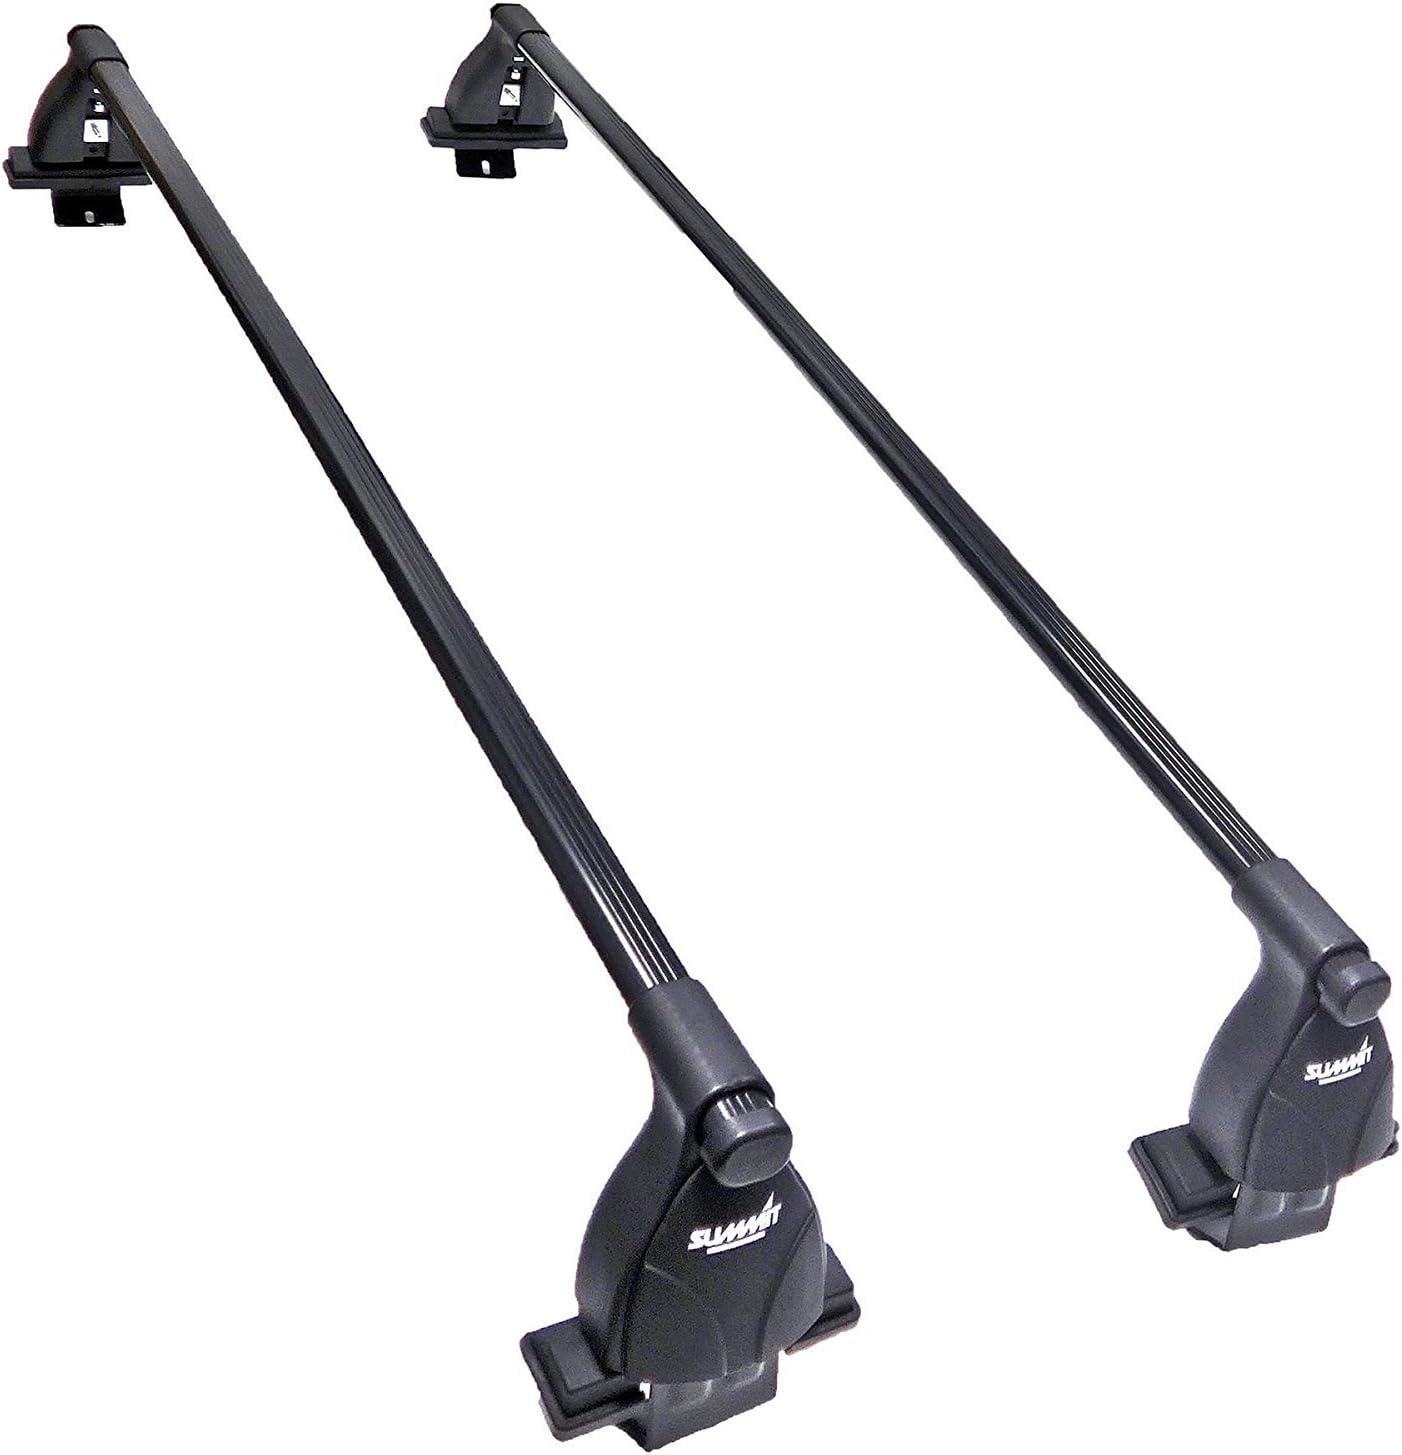 Set of 2 Black Steel Summit SUP-033 Premium Multi Fit Roof Bars